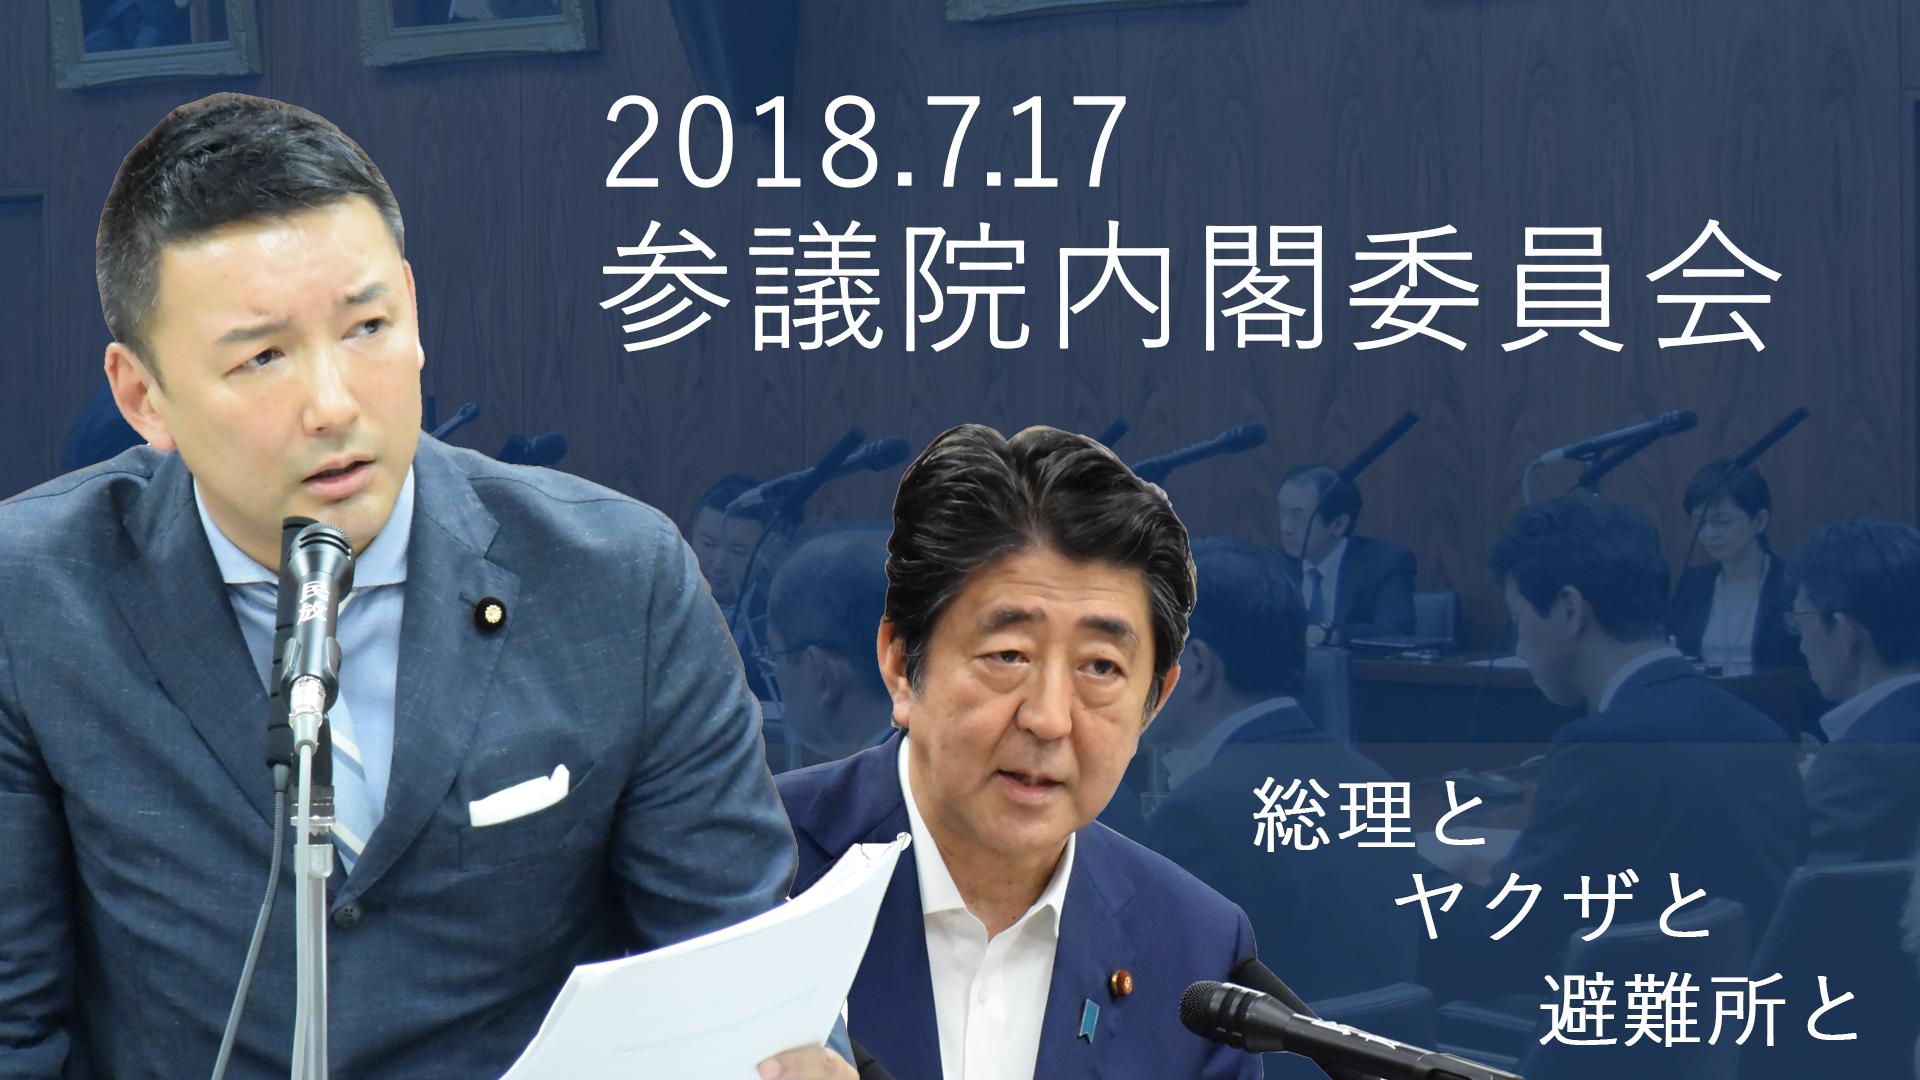 18.7.17総理